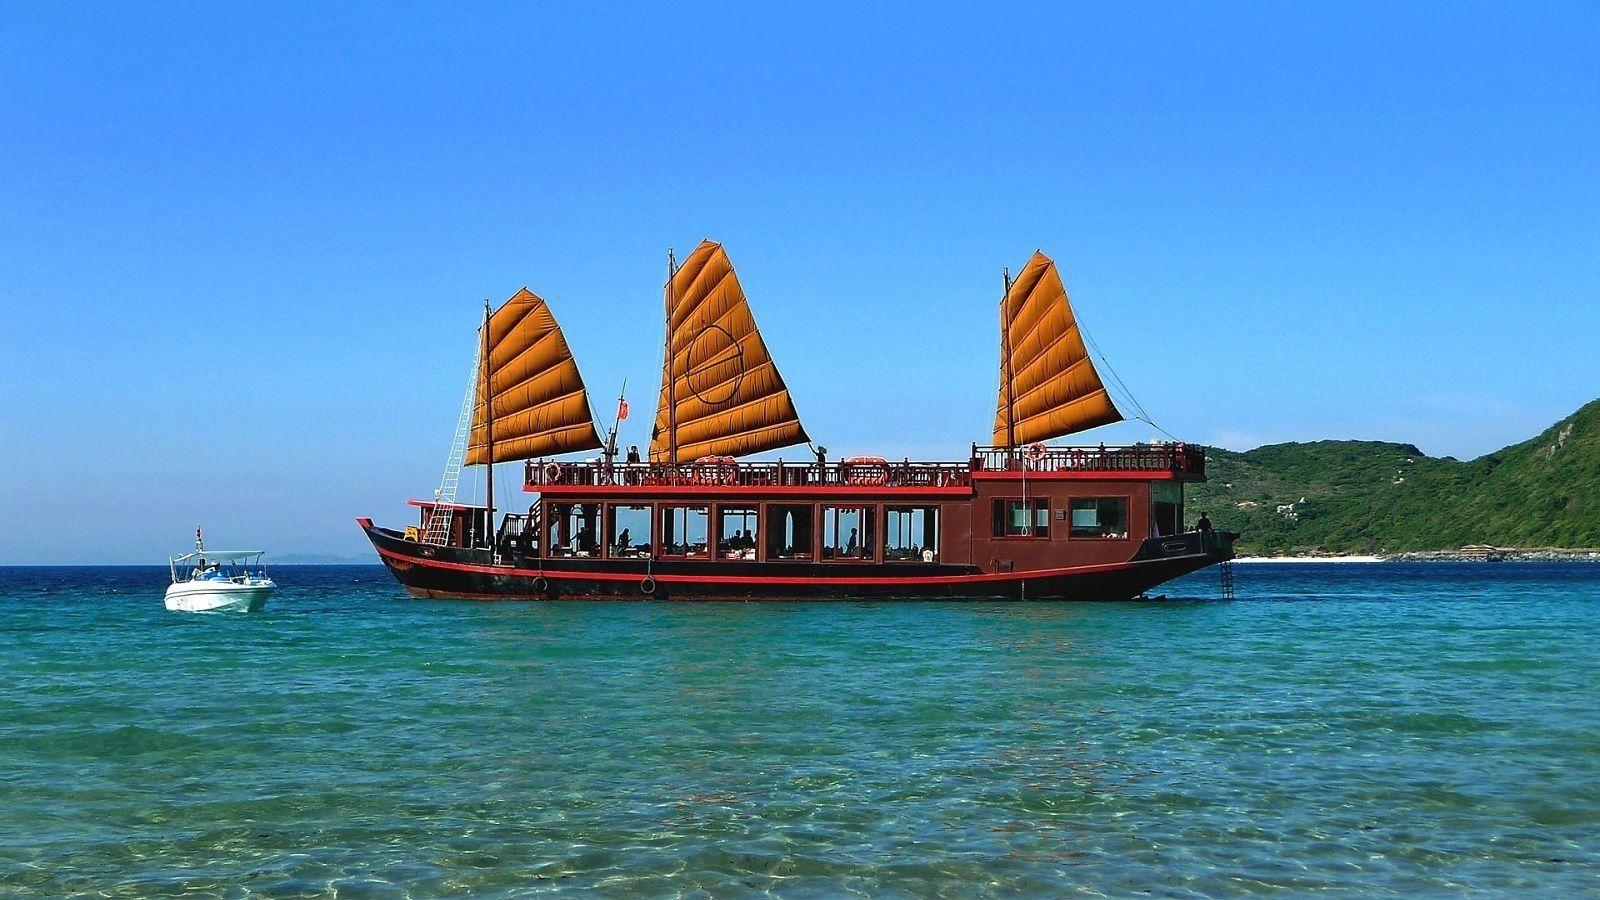 Thương hiệu du lịch Nha Trang - Khánh Hòa phải gắn chặt với các sản phẩm du lịch biển đảo